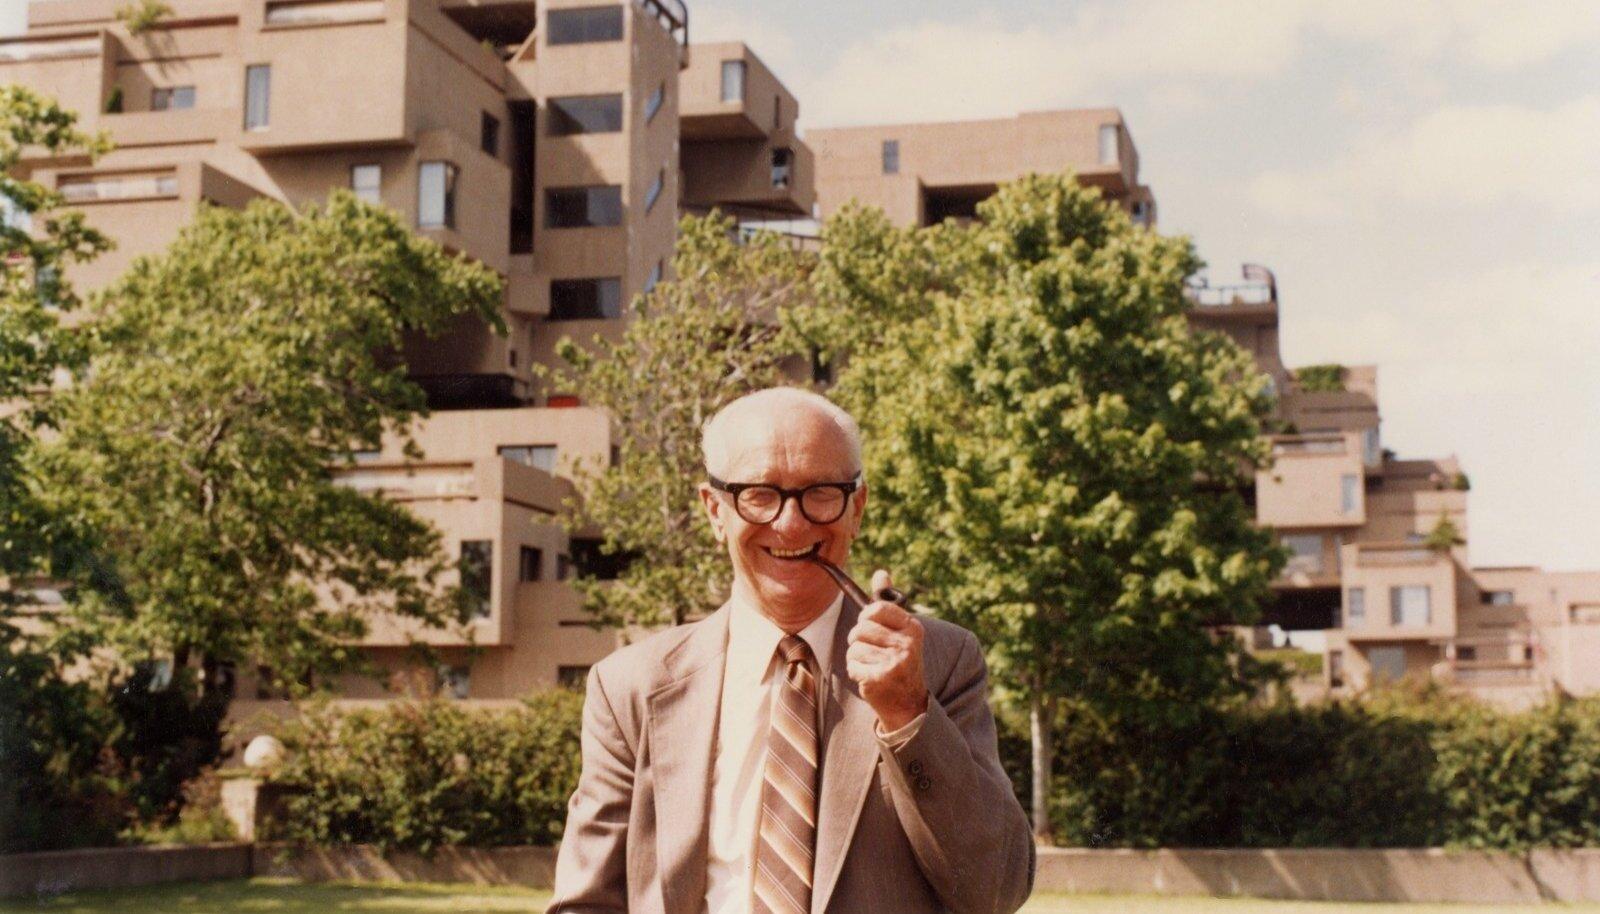 August Komendant oli tulihingeline elementehituse pooldaja – tehases valmistatud betoontoodetest sai mitte ainult kiiremini ja tõhusamalt ehitada, vaid luua ka senisest erinevat arhitektuuri. Arhitekt Moshe Safdie'ga koostöös kavandatud Habitat 67 eksperimentaalne kortermaja Montrealis on tänini üks ambitsioonikamaid elementehituse näiteid.